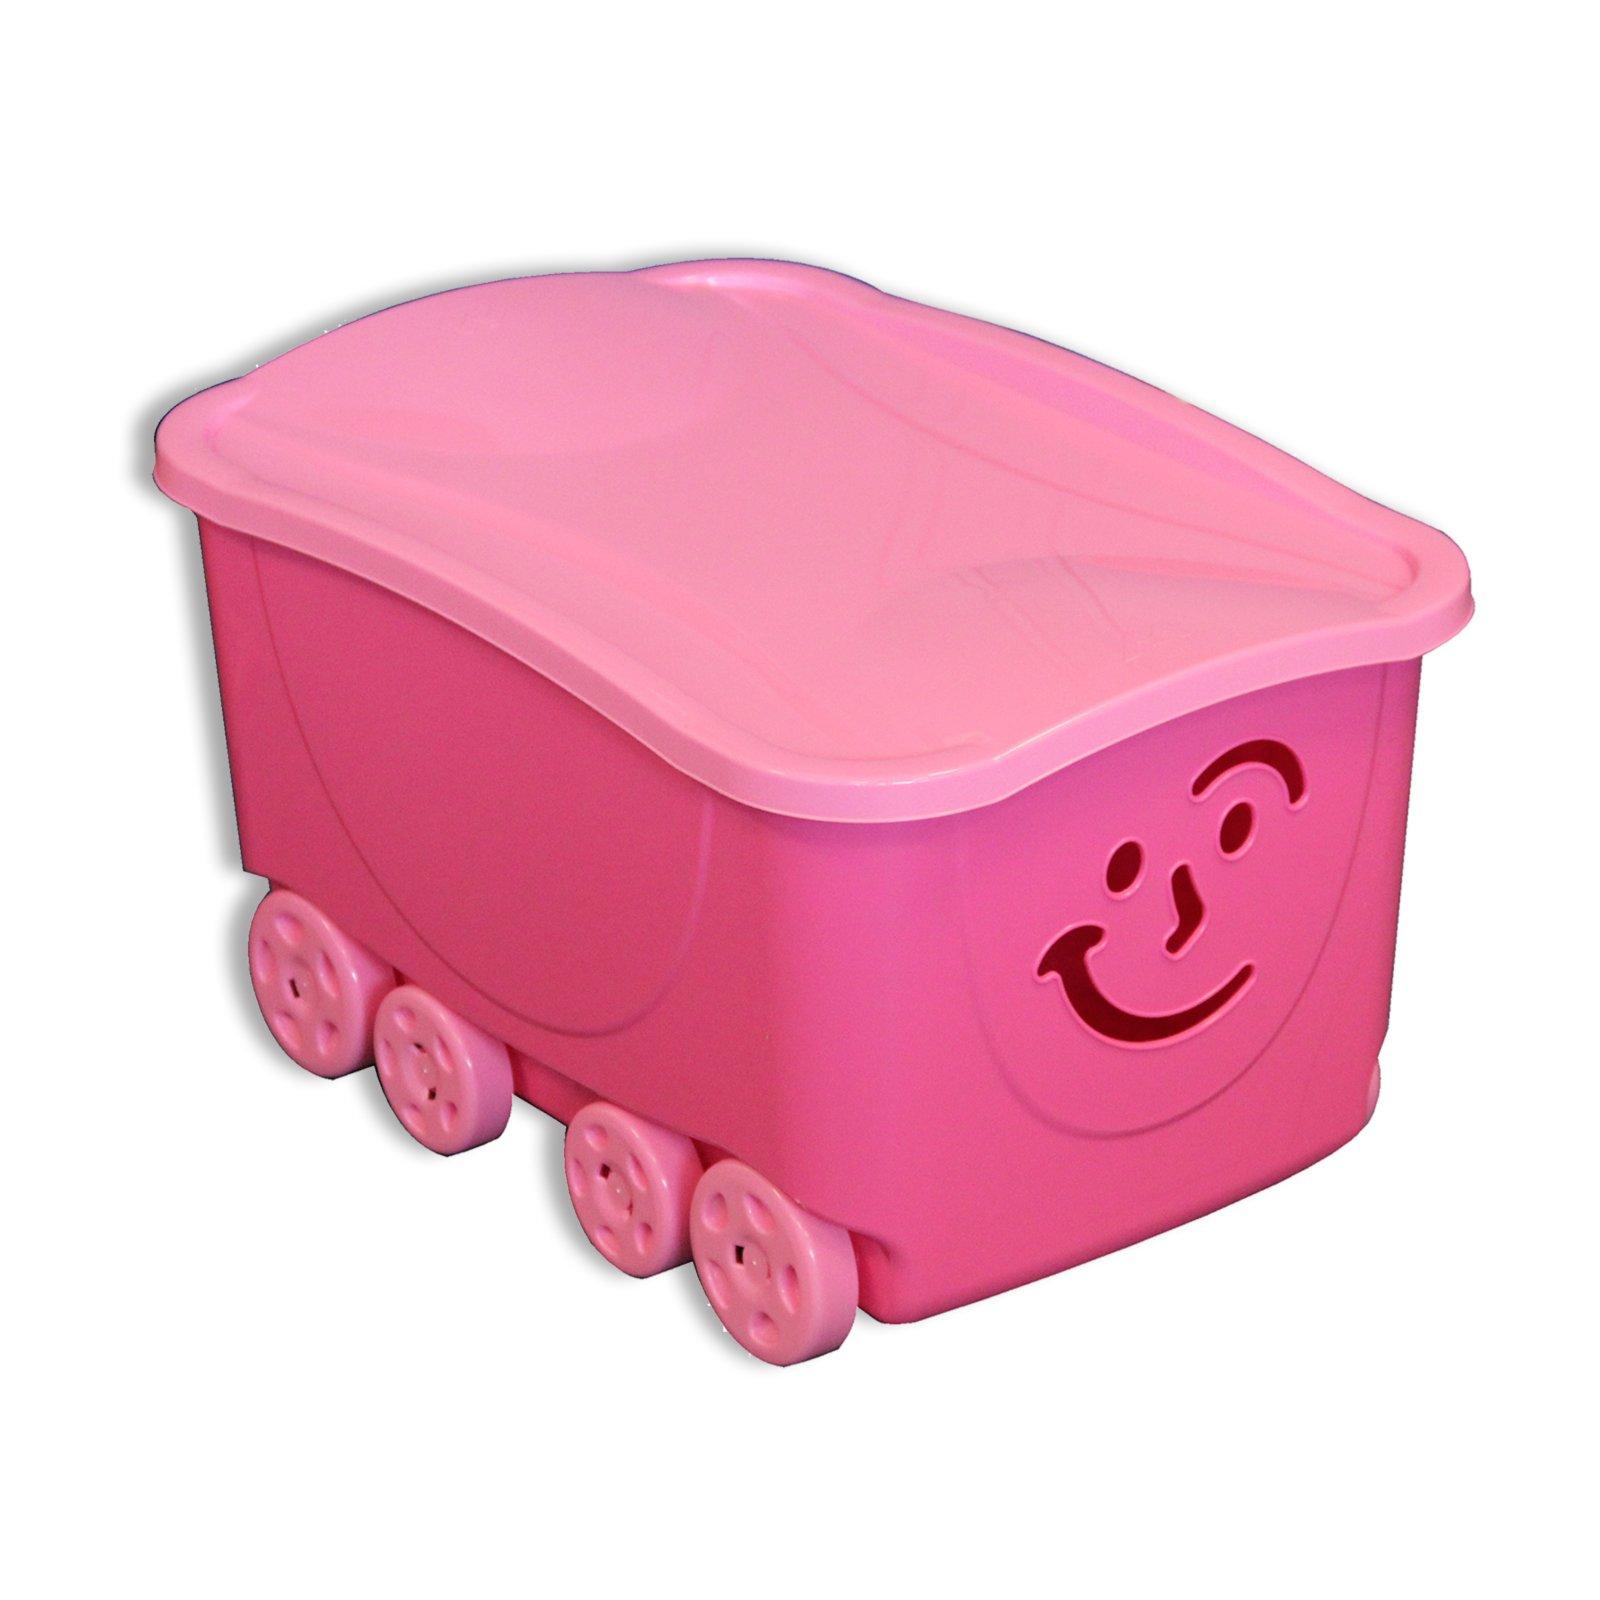 rollbox fancy rosa mit deckel auf rollen spielzeug kinder jugendzimmer. Black Bedroom Furniture Sets. Home Design Ideas